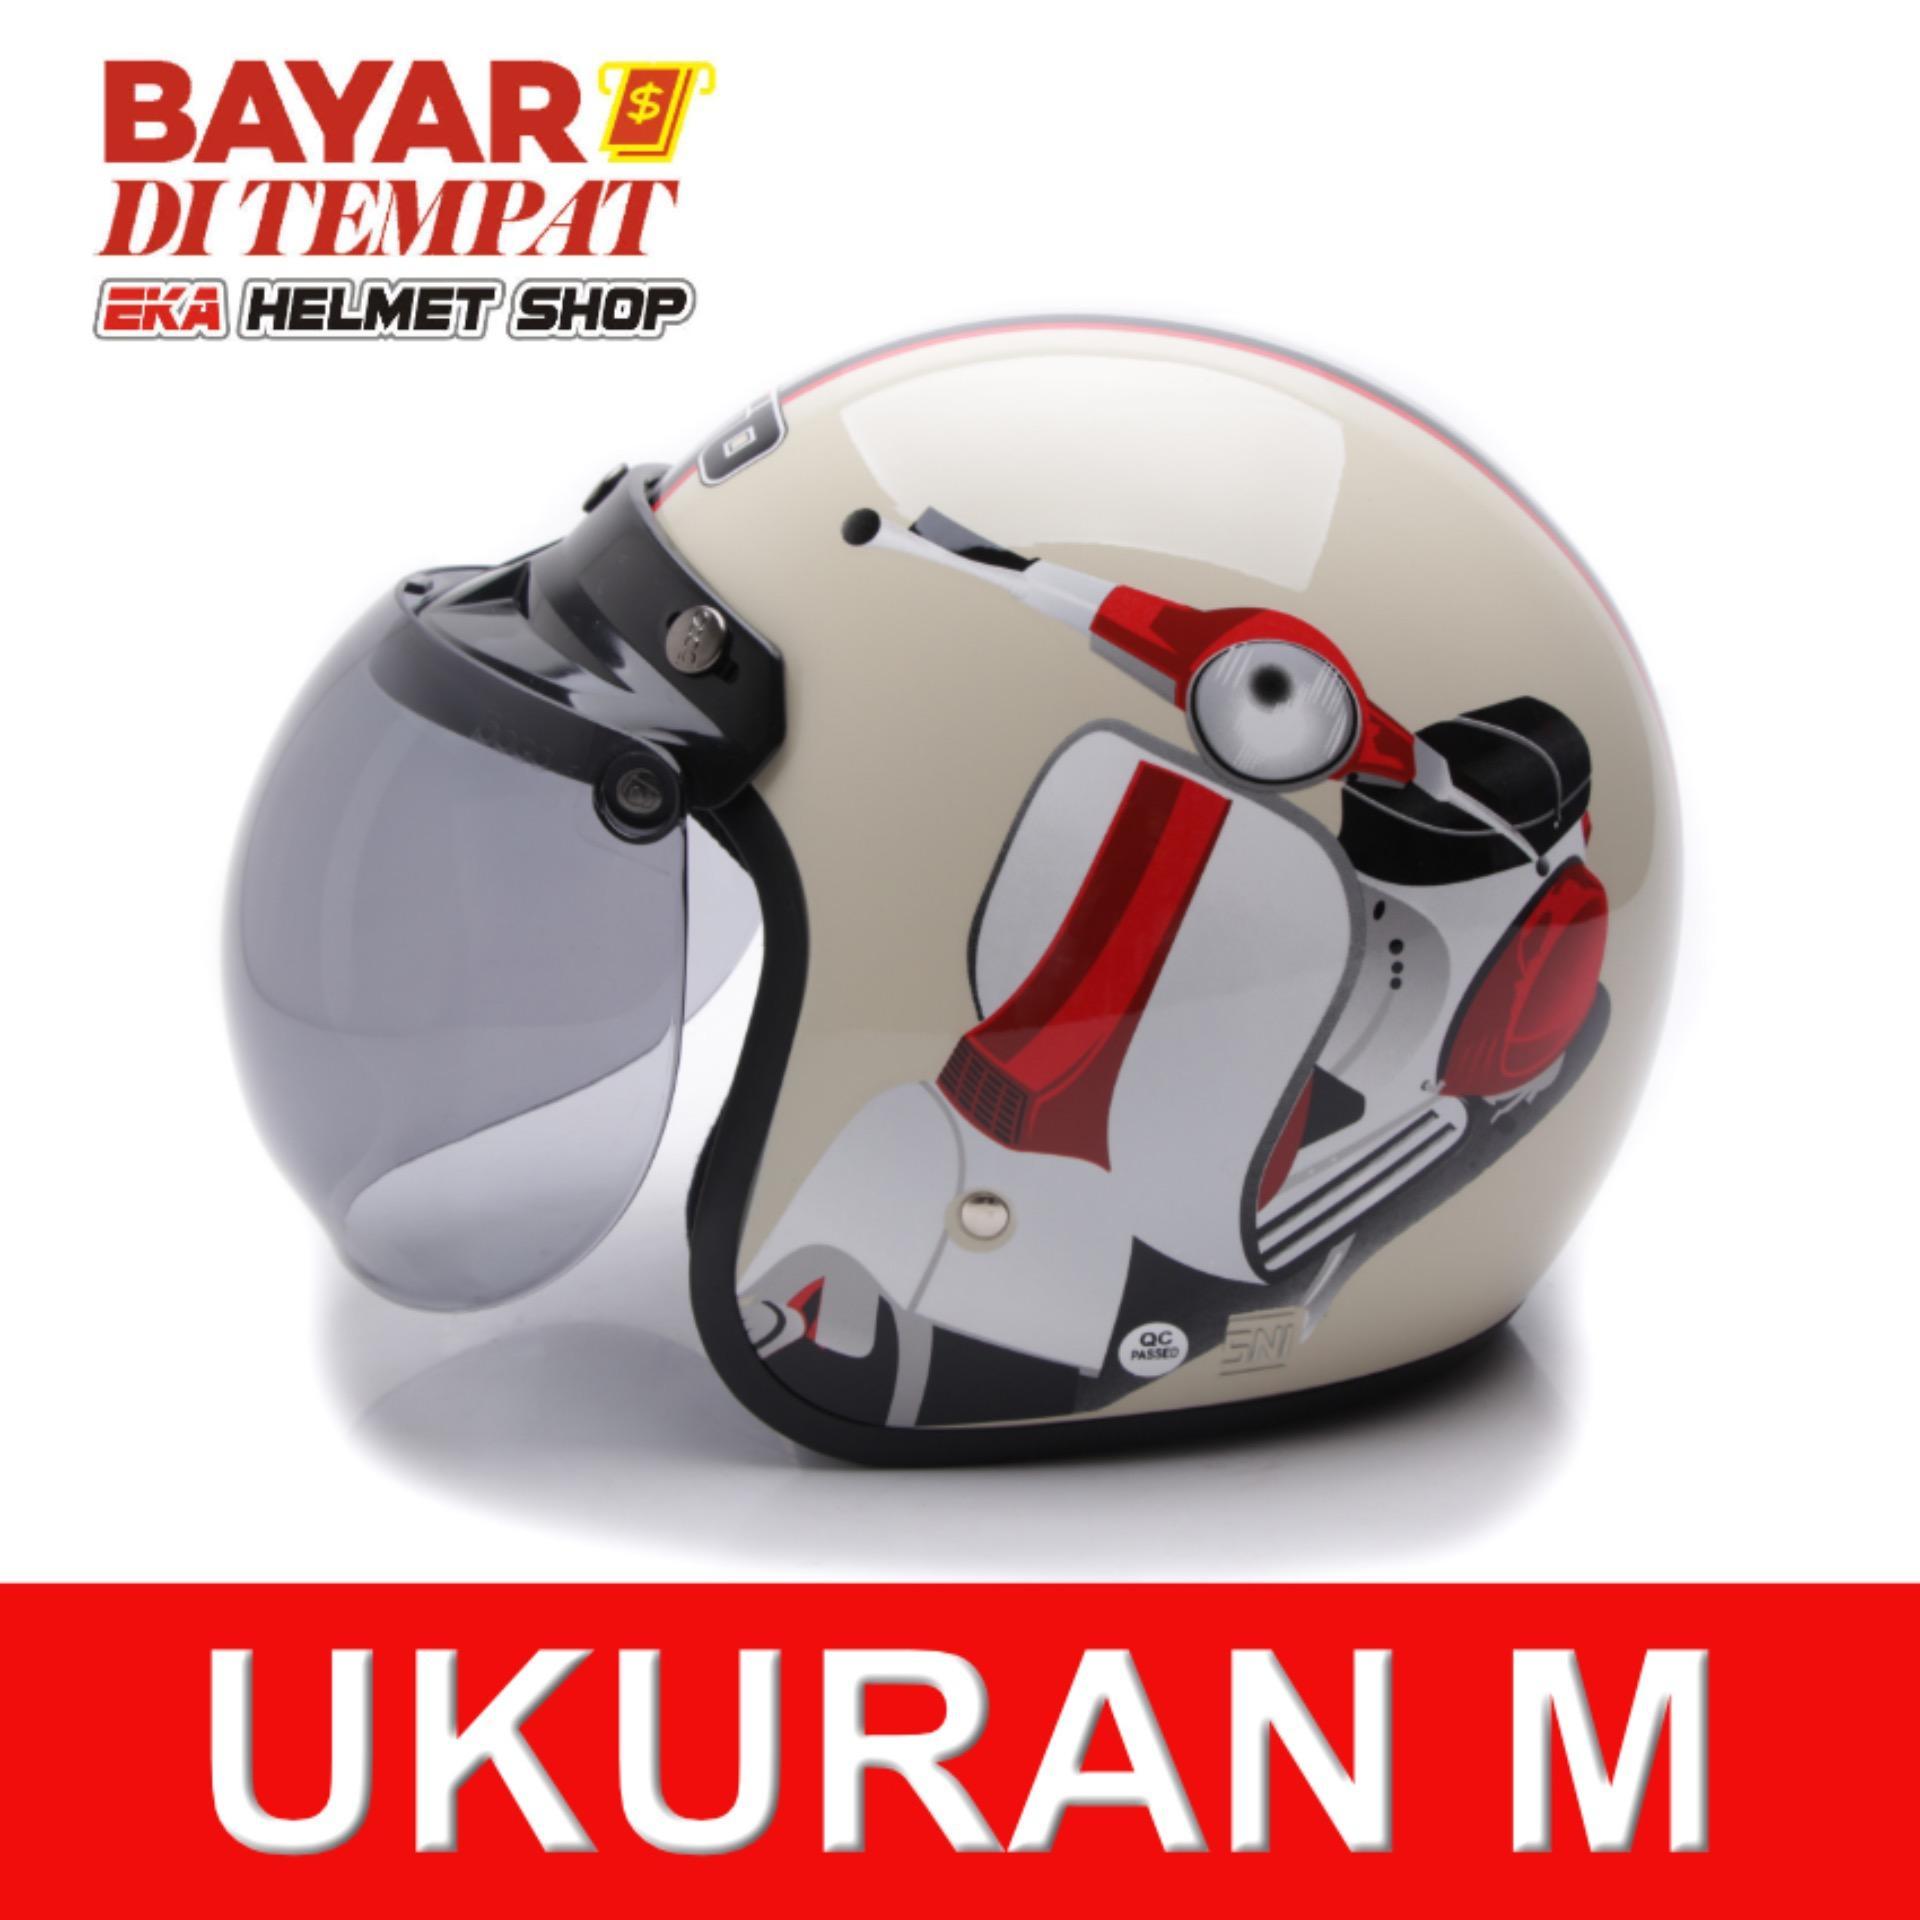 Katalog Wto Helmet Retro Bogo Vespa Krem Terbaru